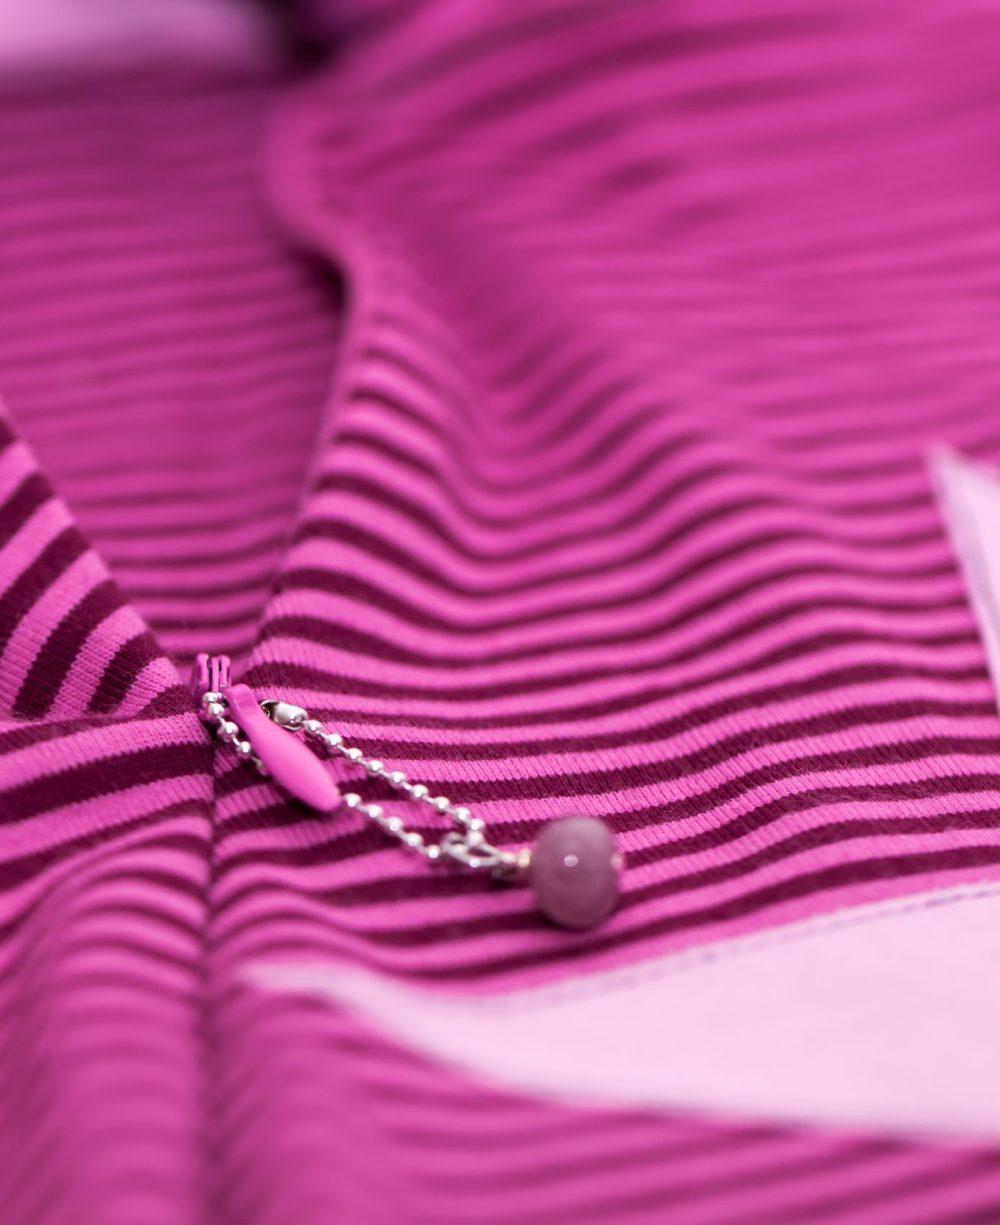 rosa-kids-Unterhemd-für-dialysepatienten-mit-individuellem-reißverschluss-diazipp-dialysebekleidung-made-with-love